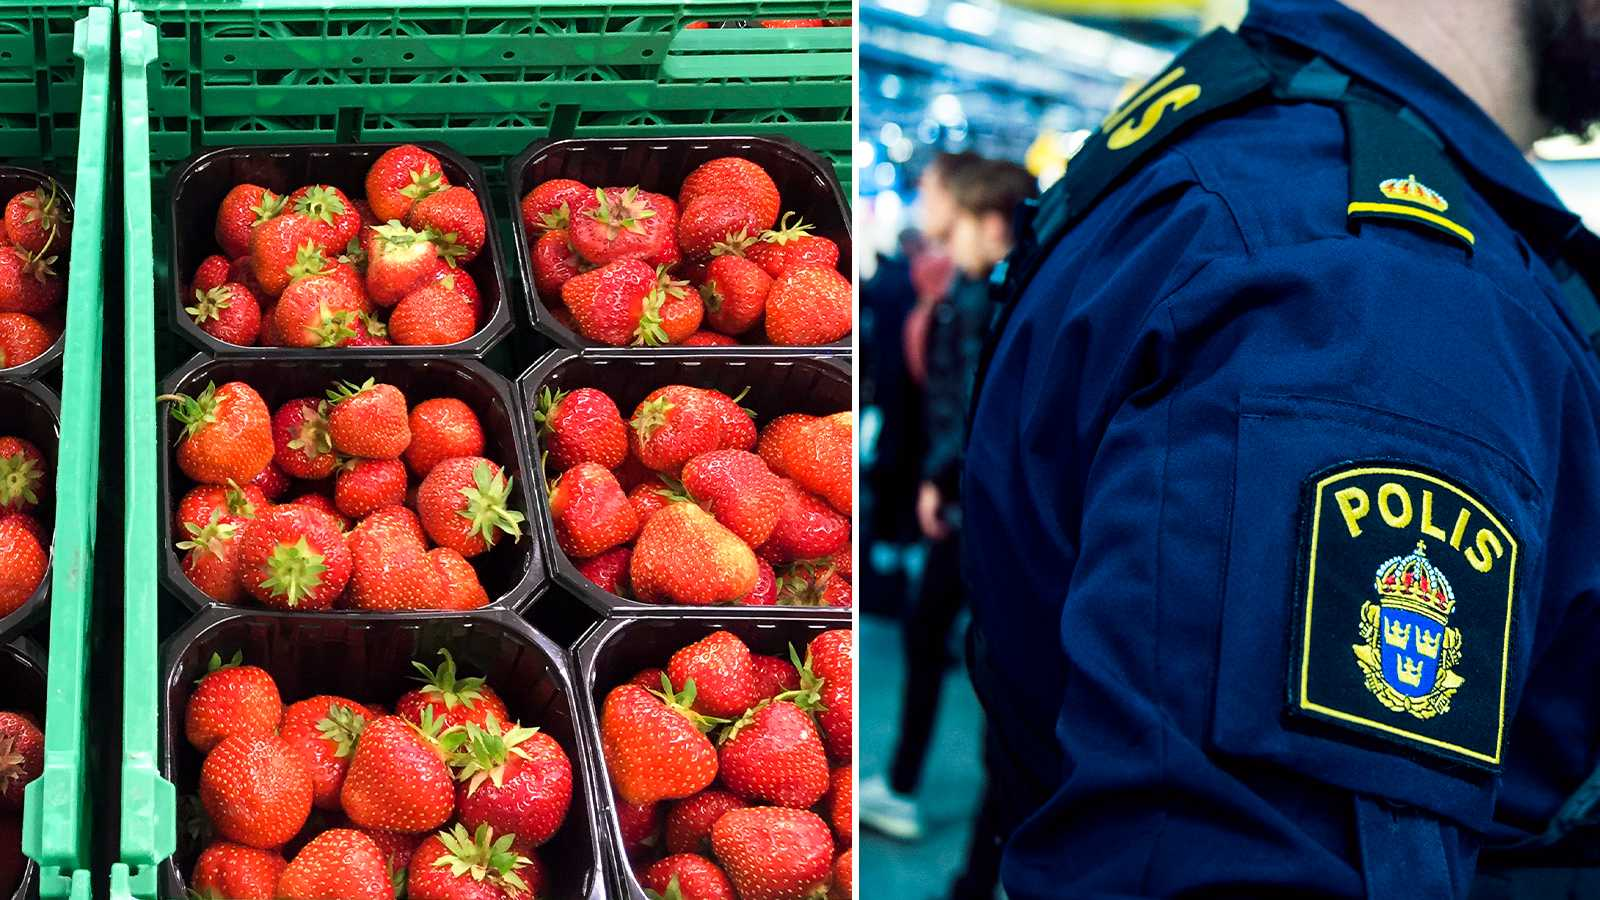 Polisinsats efter jordgubbskaos på riksväg